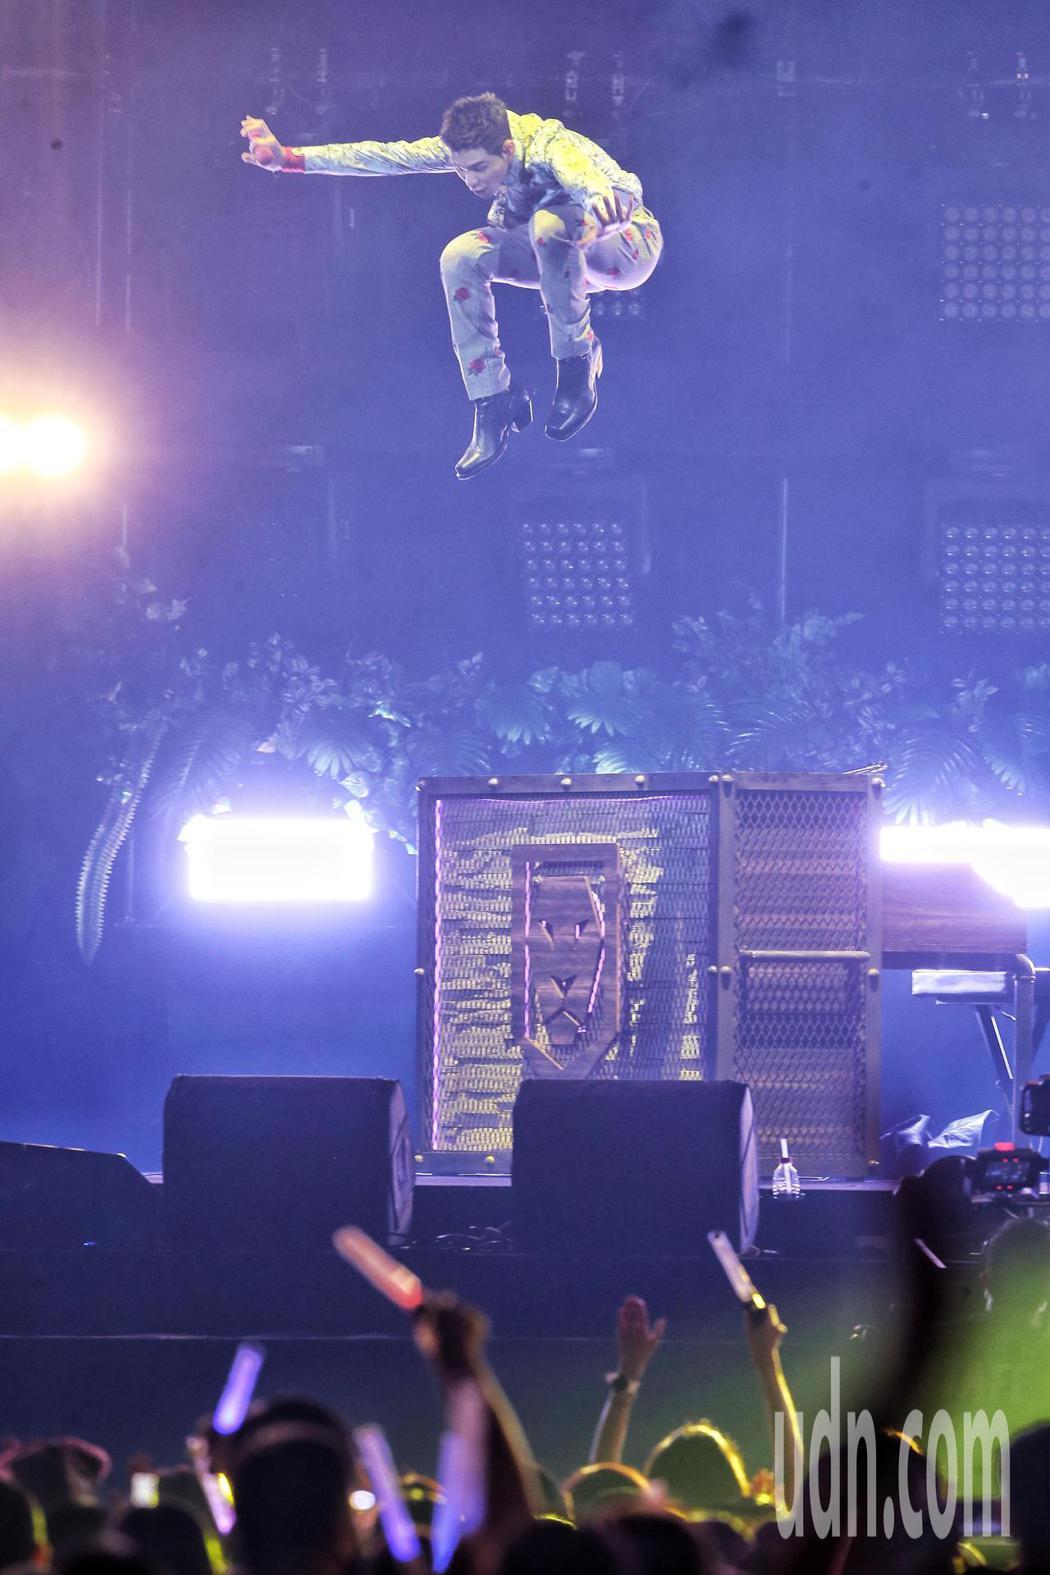 第11屆超犀利趴演唱會於小巨蛋展開,歌手蕭敬騰所屬的獅子合唱團Lion登台演唱演...